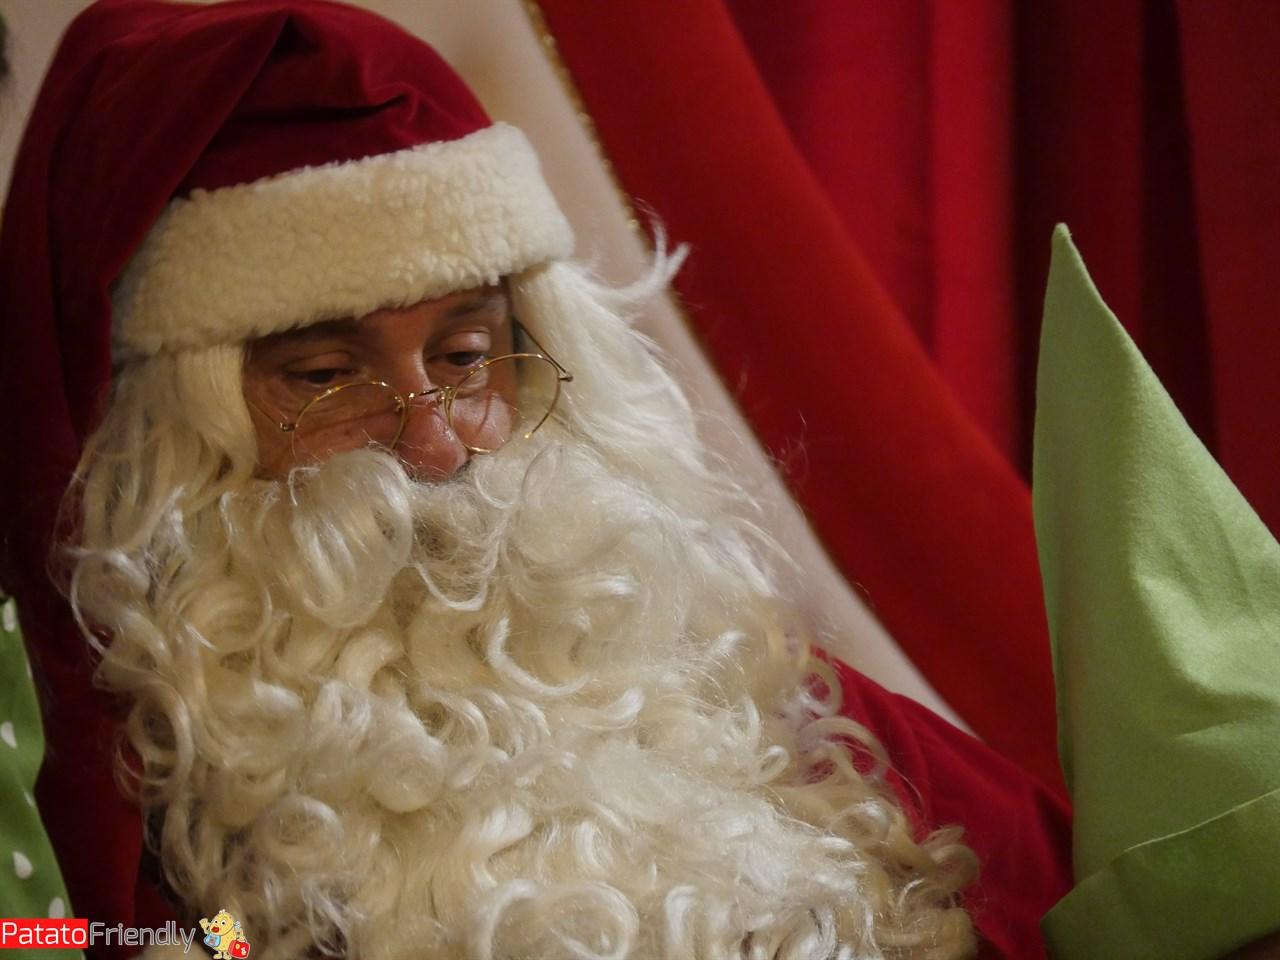 Descrizione Di Babbo Natale Per Bambini.Una Giornata Alla Casa Di Babbo Natale Di Riva Del Garda Patatofriendly